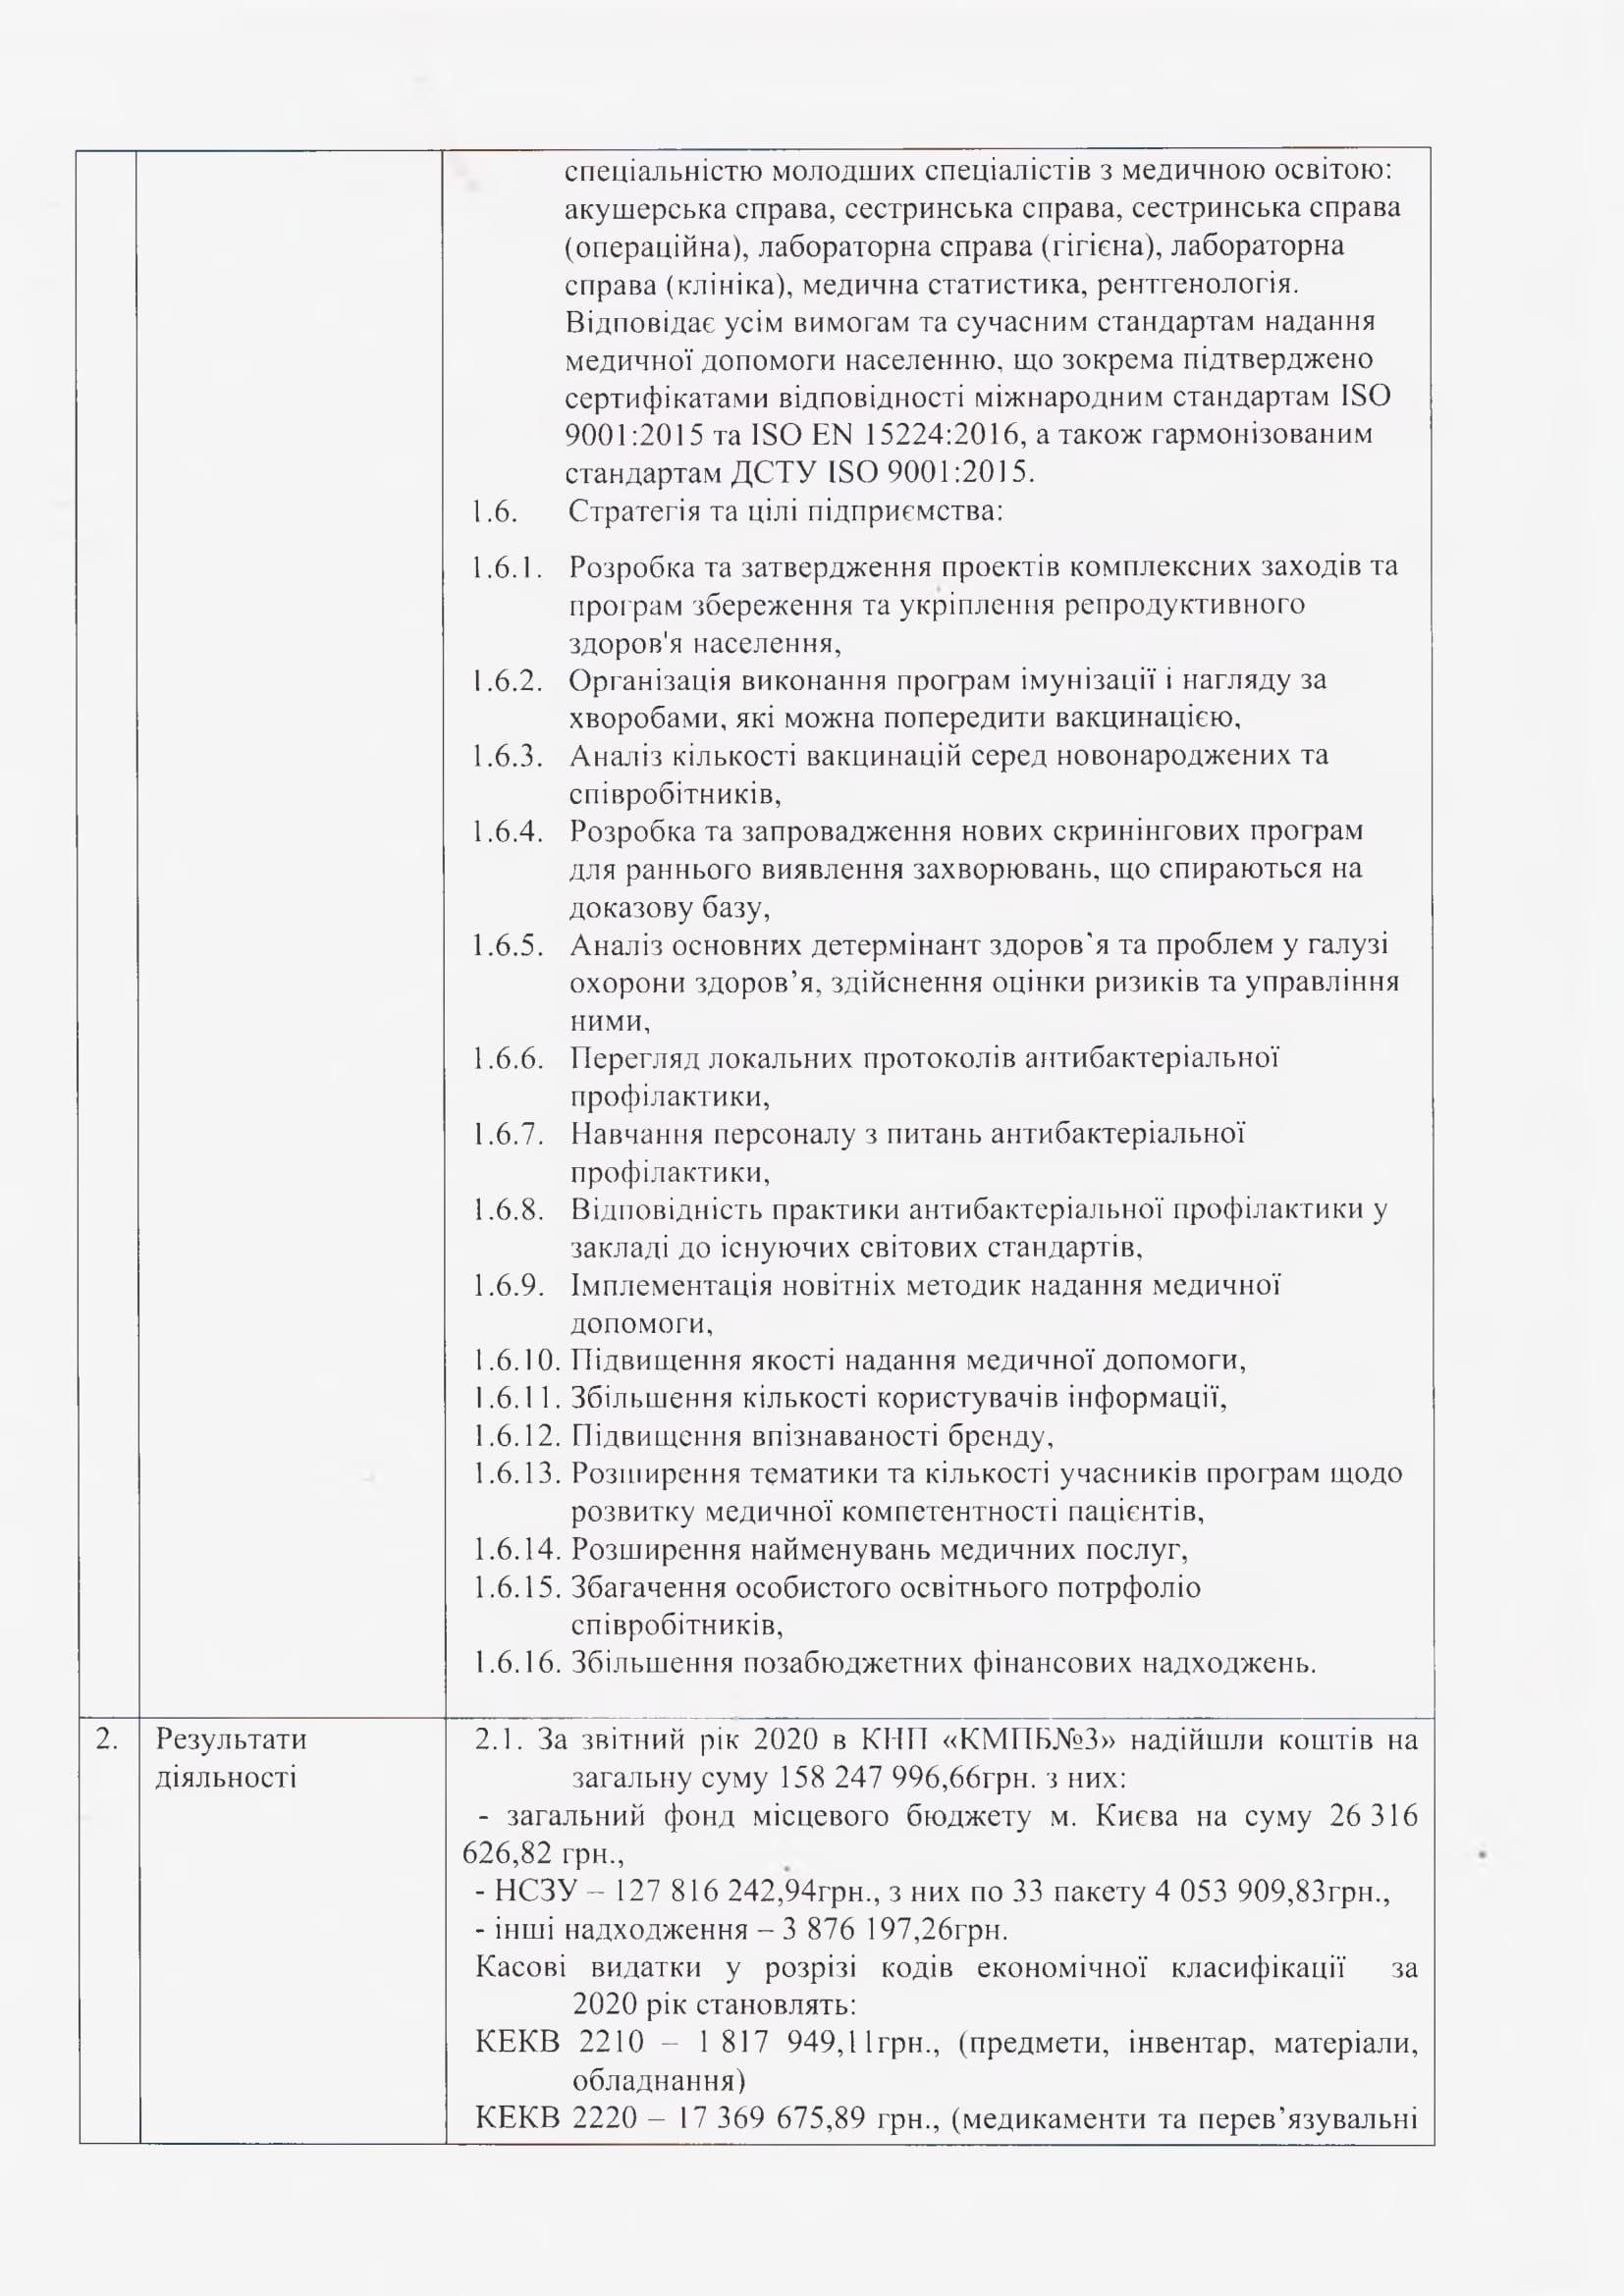 Звіт про управління КНП КМПБ №3 за 2020 рік-1